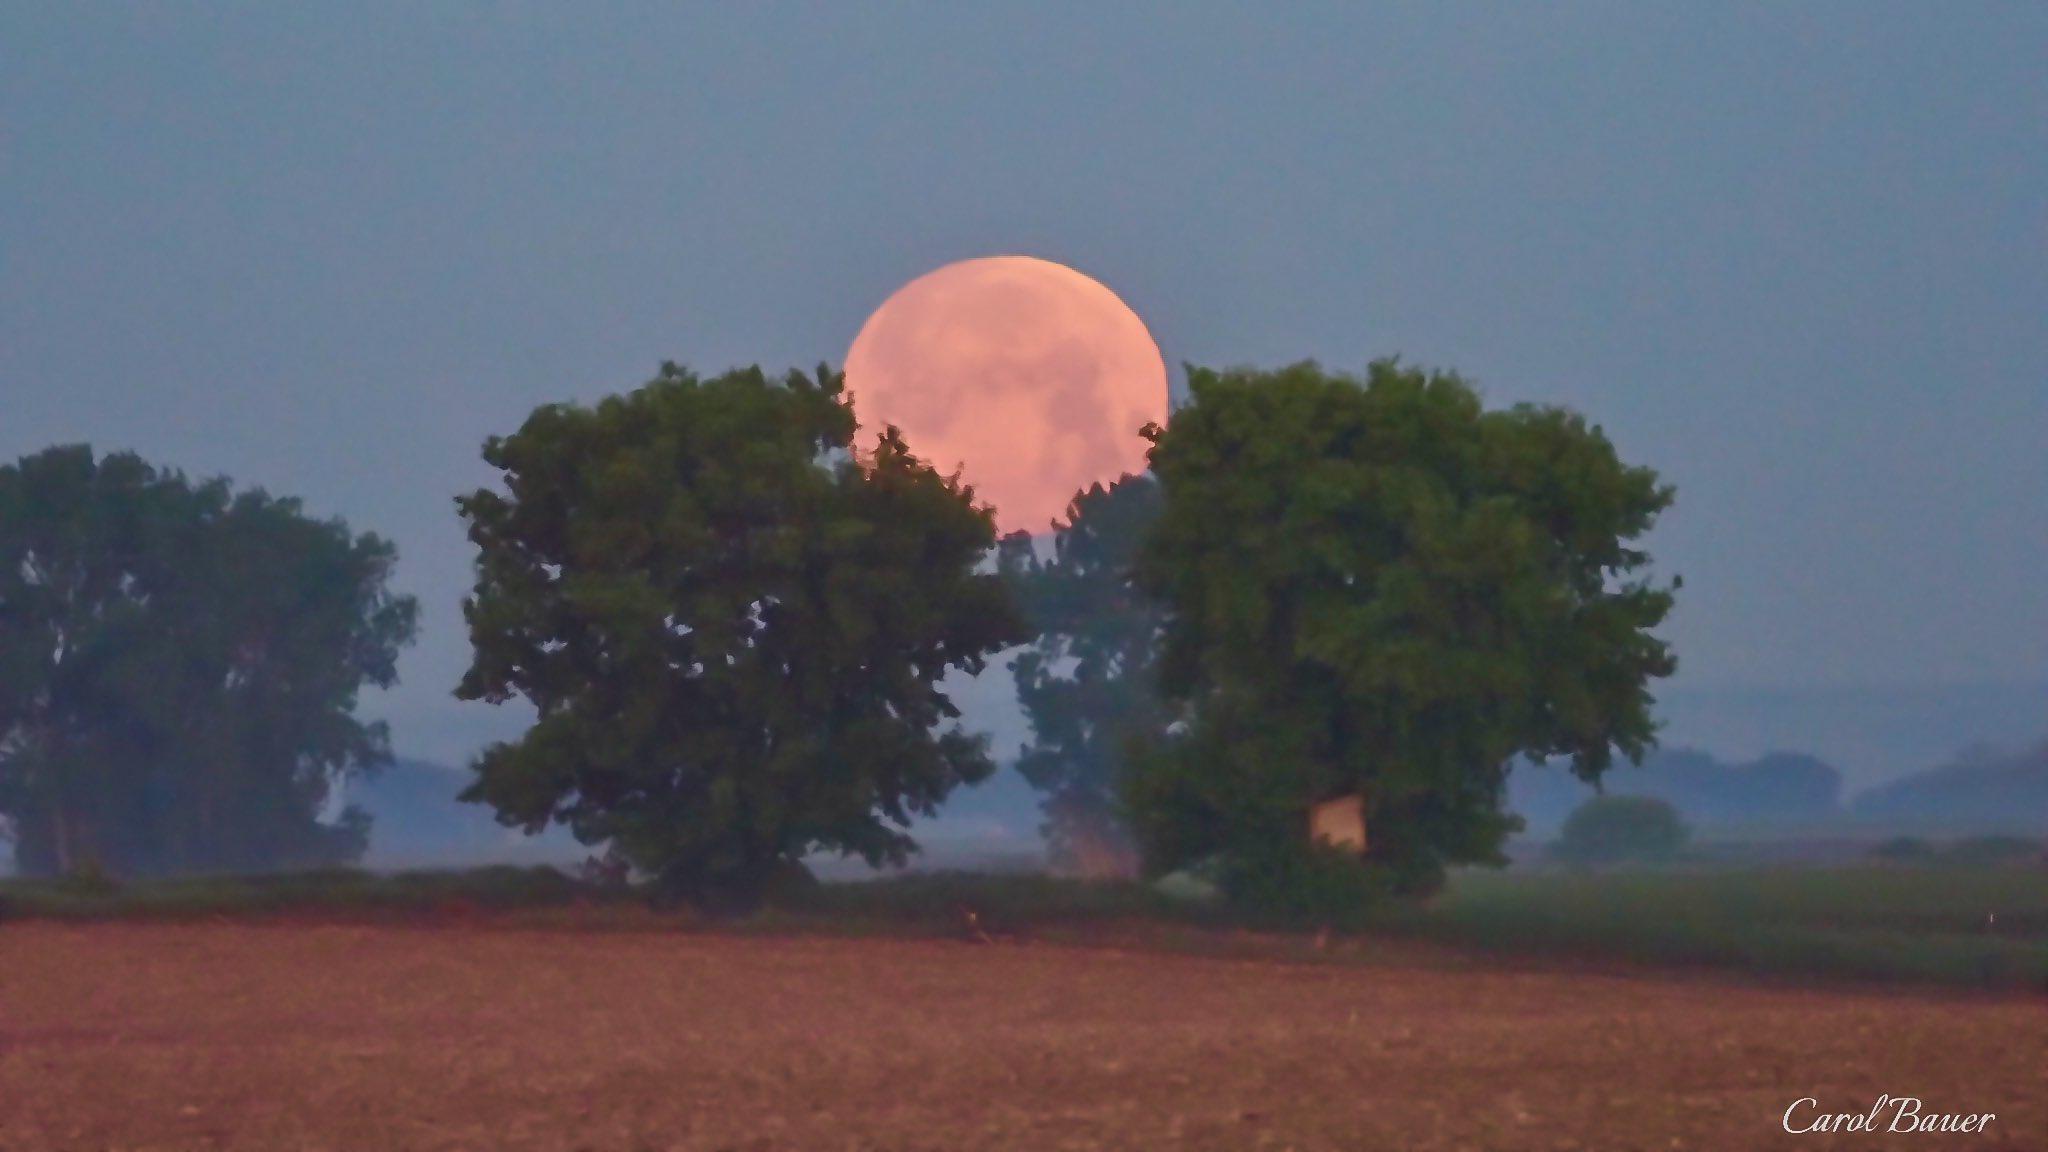 Ngất ngây với một loạt khoảnh khắc về hiện tượng mặt trăng dâu tây hiếm có diễn ra vào đêm qua, rạng sáng nay - Ảnh 13.